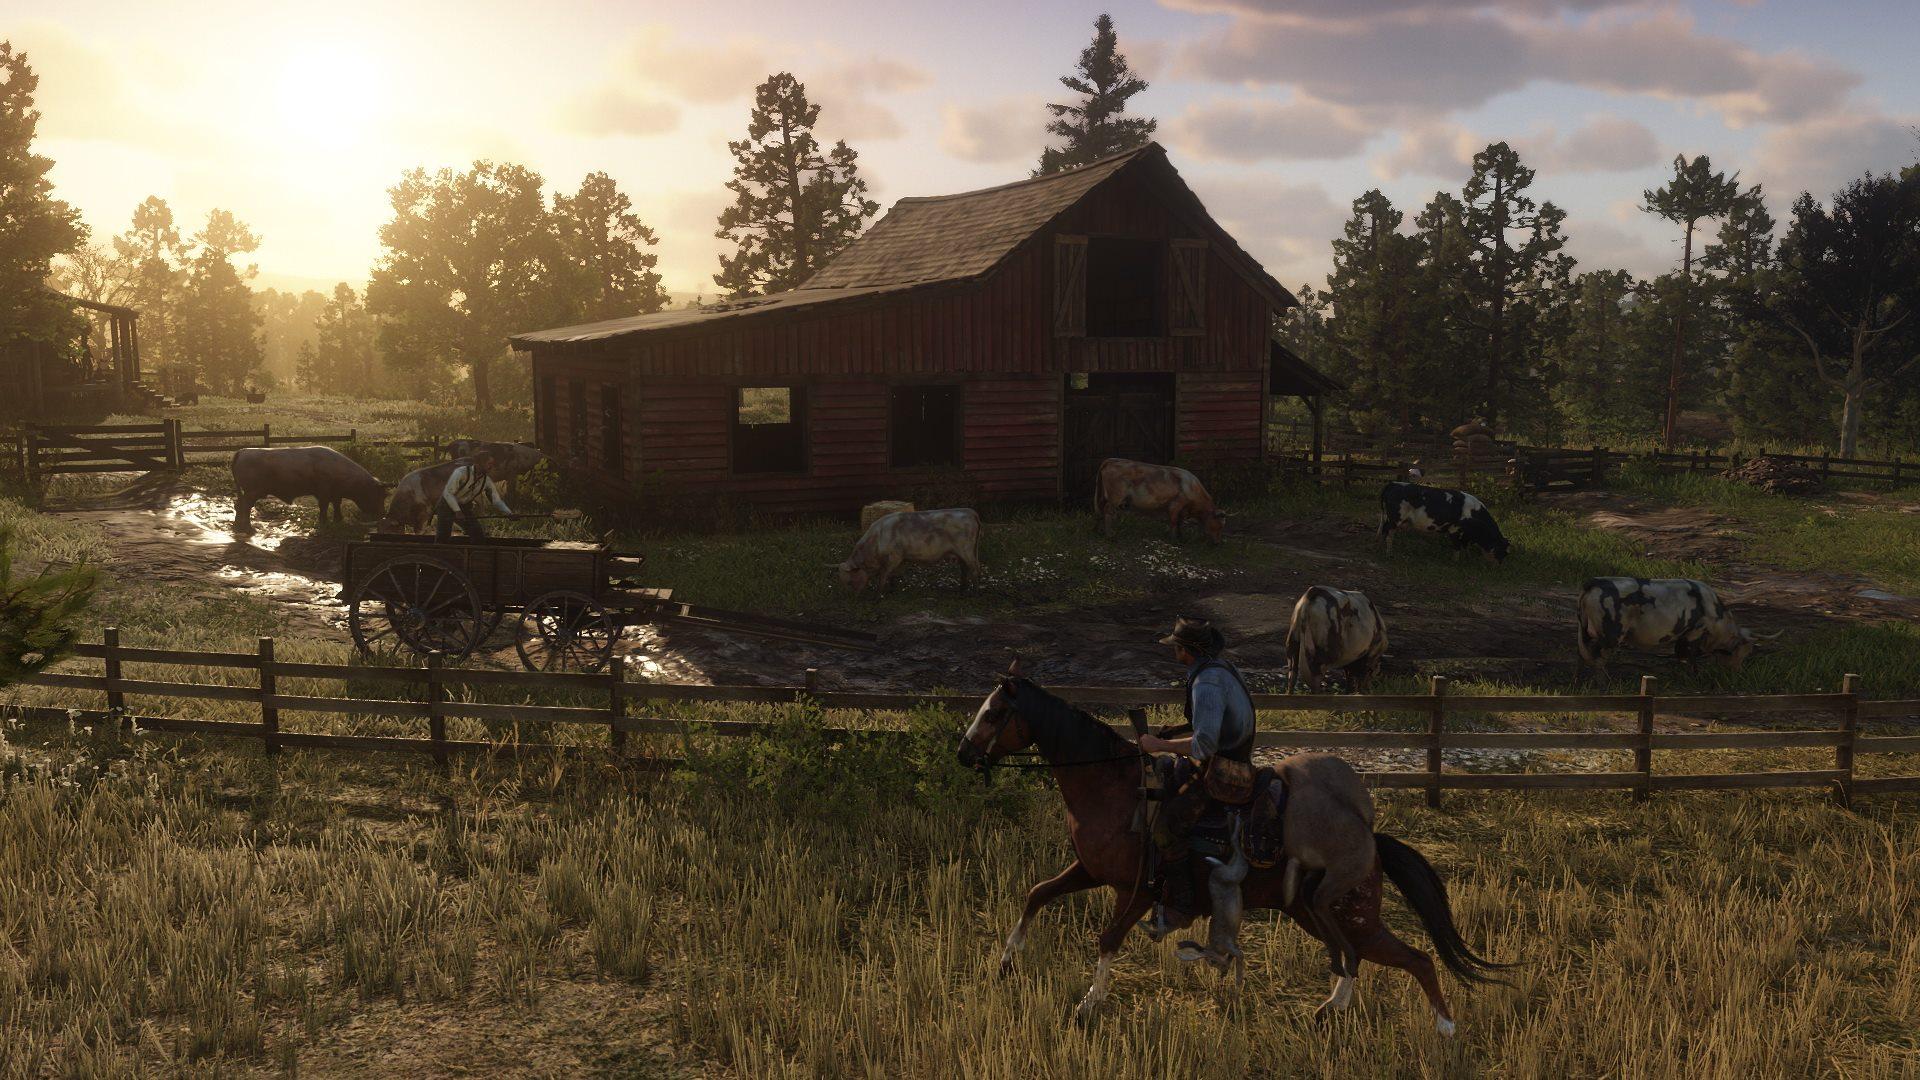 Neue Screenshots zu Red Dead Redemption 2 zeigen Tierwelt, Open World und Charaktere. Bild 3 - Quelle: Rockstar Games